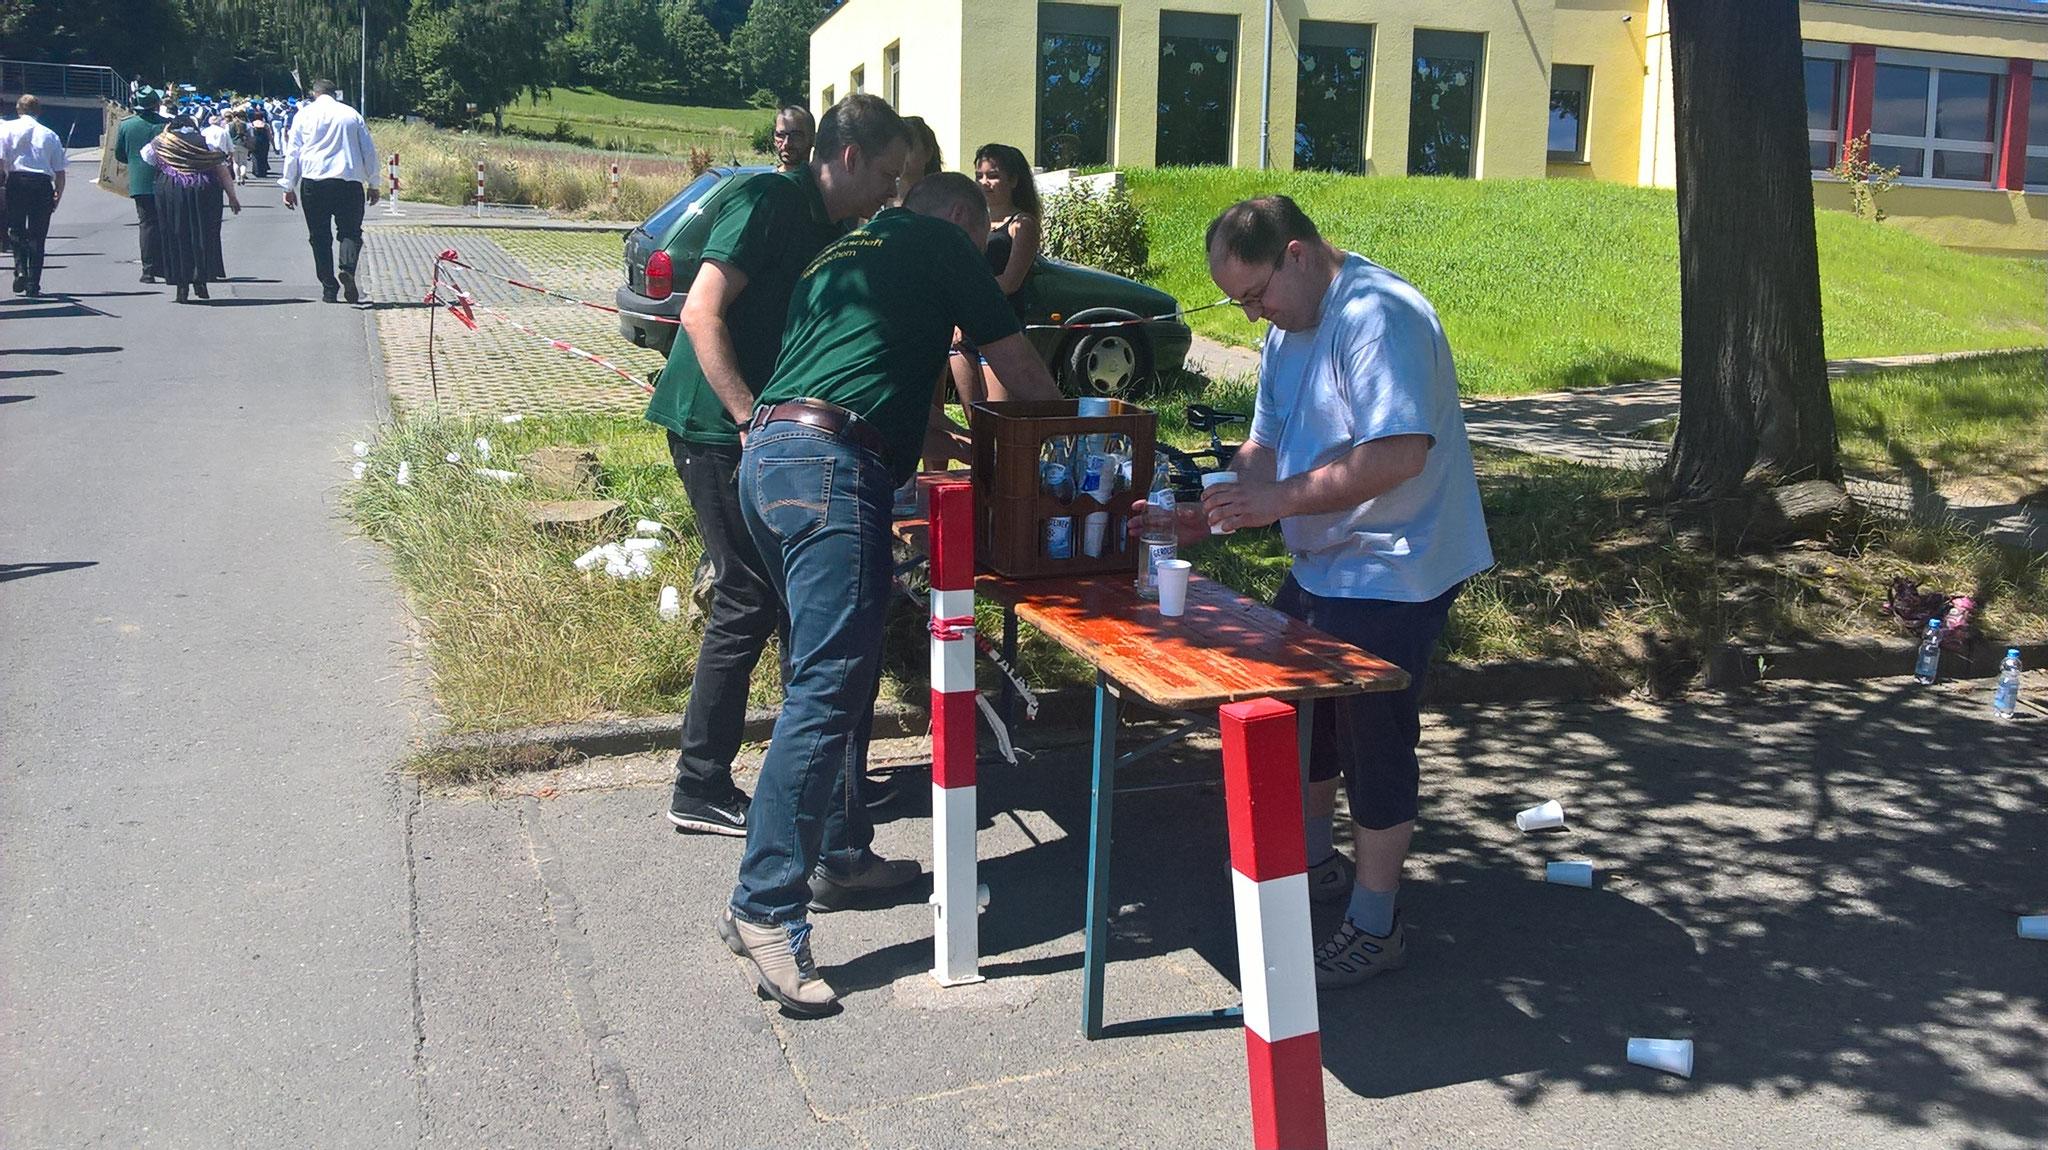 Wasserstation an der Grundschule während des Festzuges.